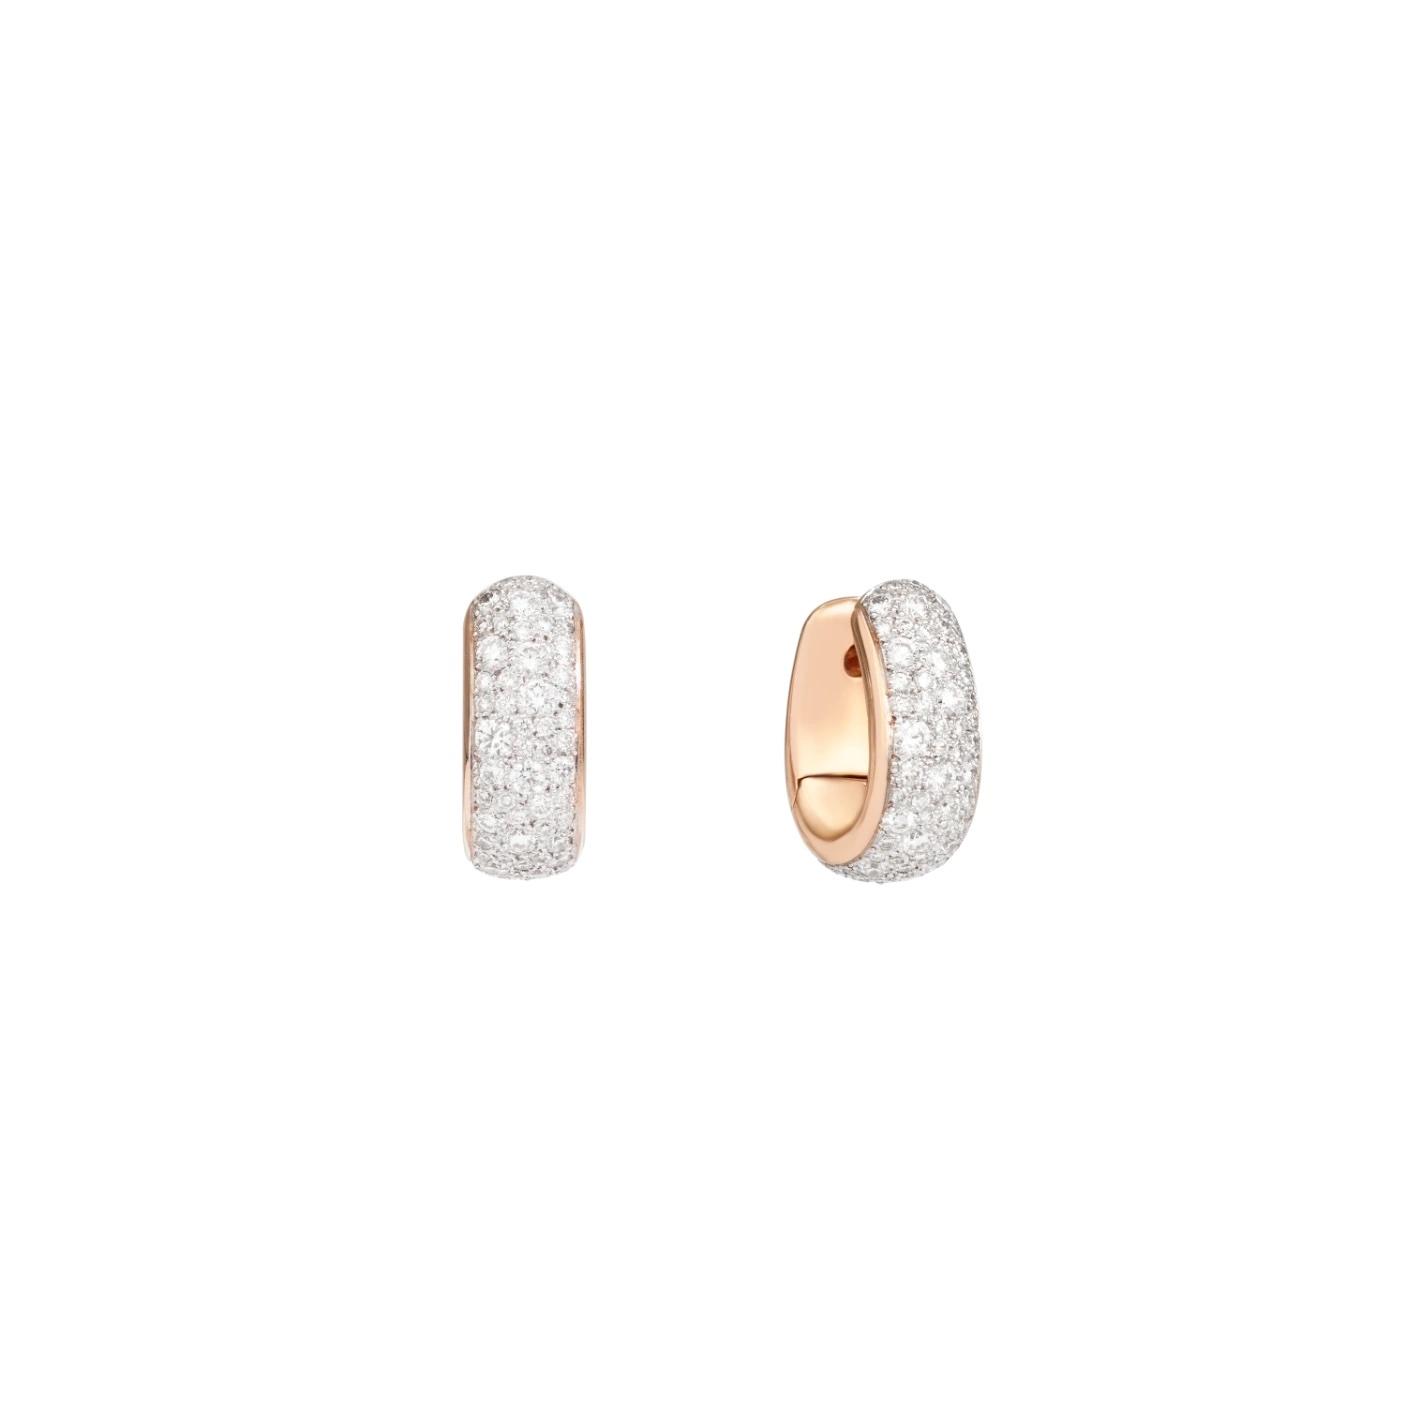 Pomellato Pomellato Iconica oorringen in 18 krt. roségoud met witte diamanten